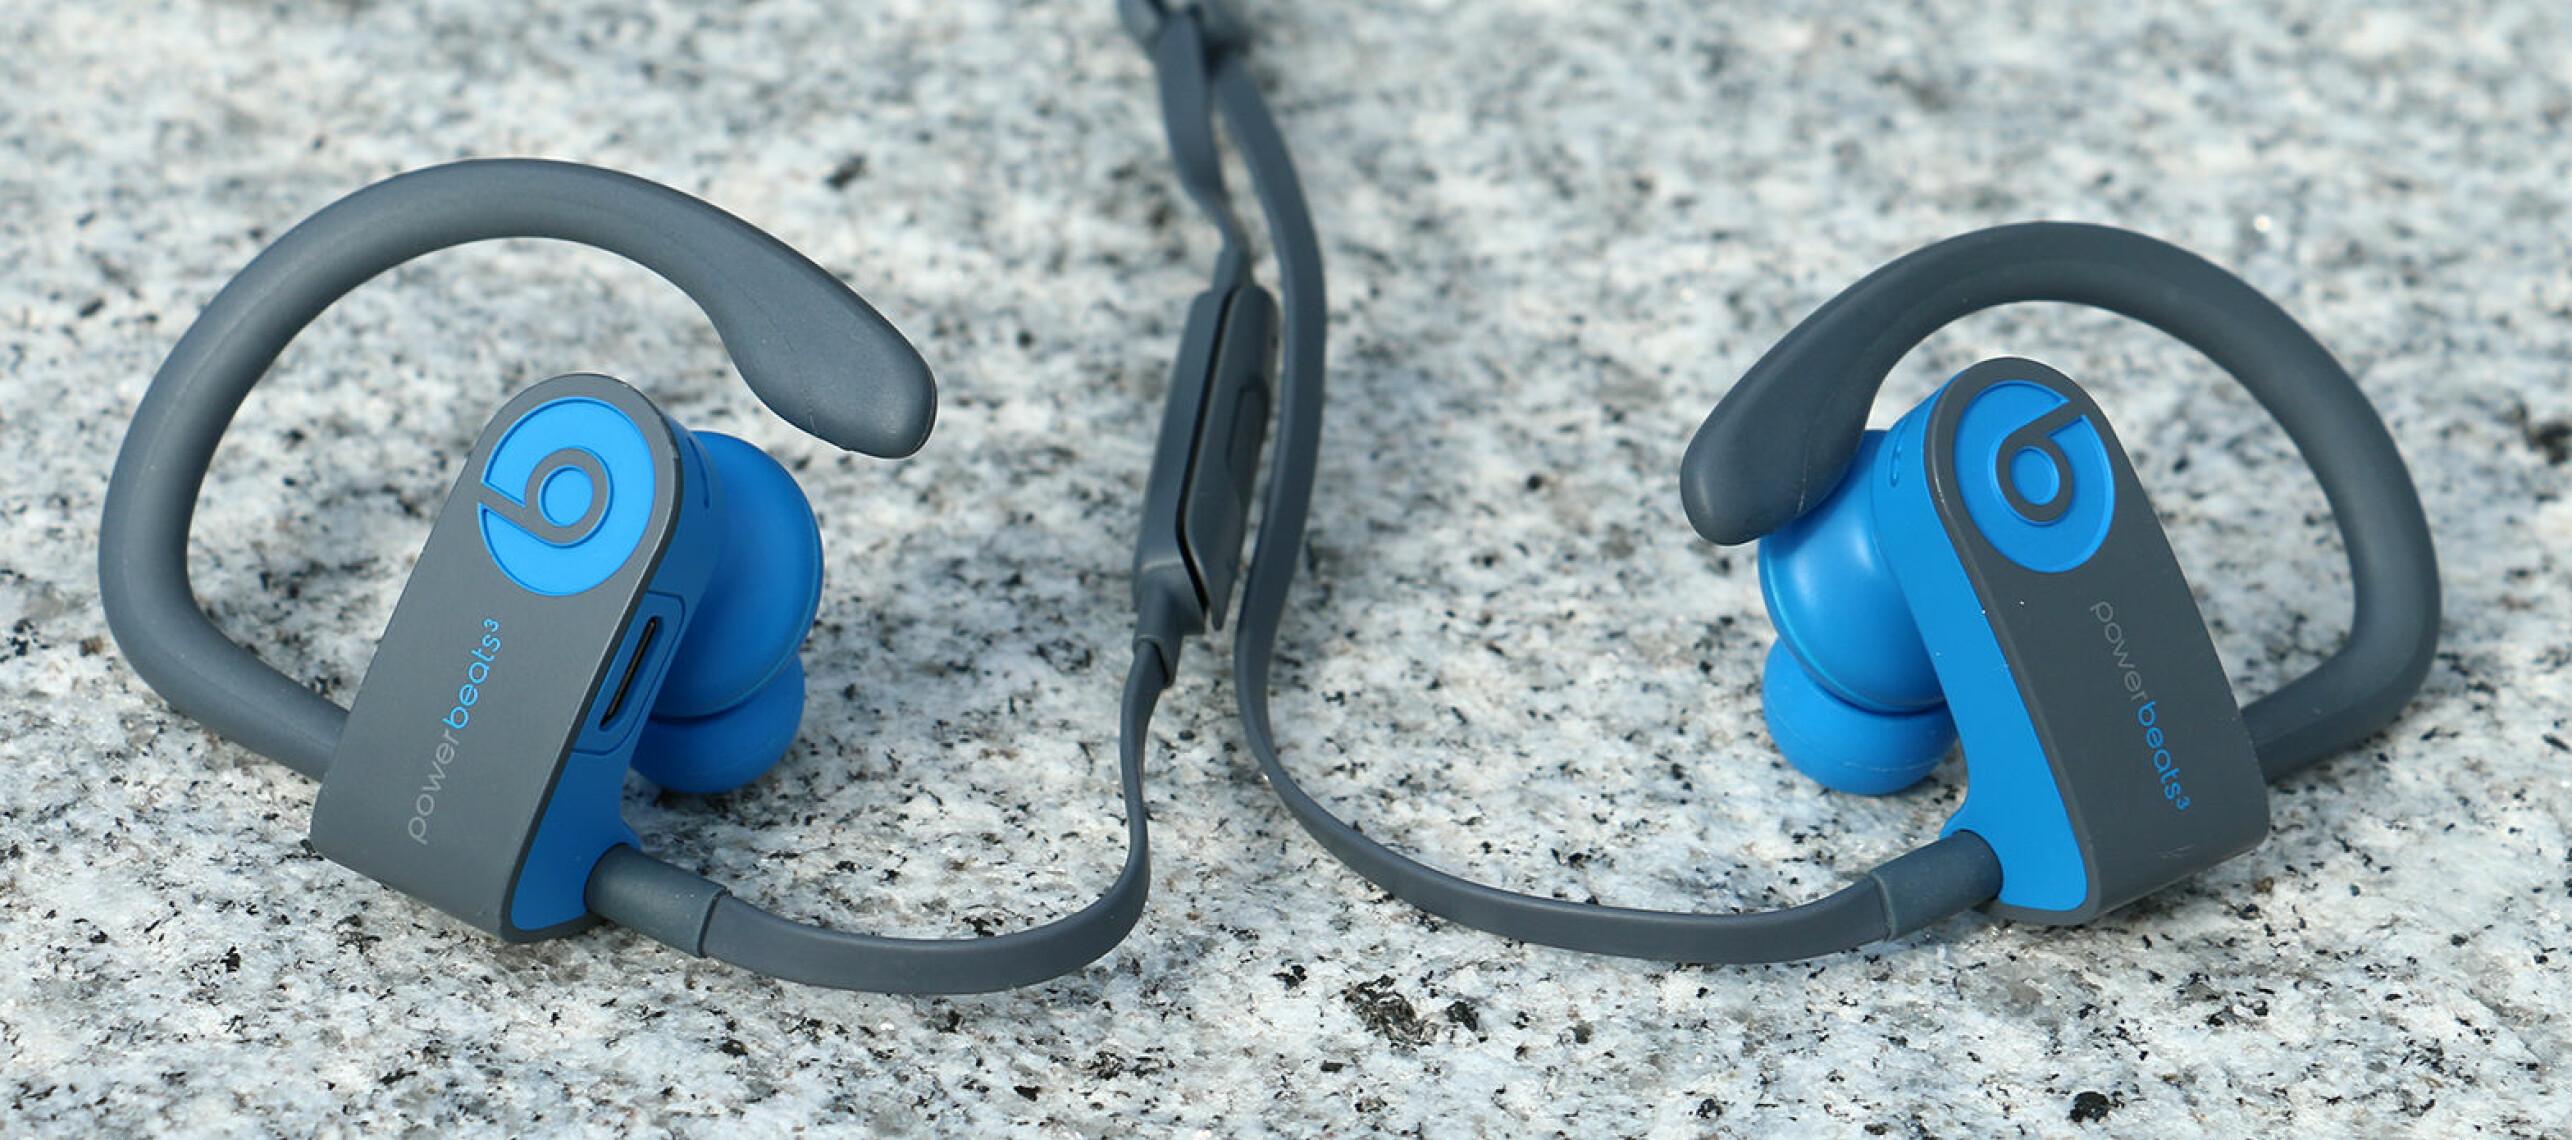 LITT DØLL DESIGN: Powerbeats 3 er ikke de stiligste trådøse ørepluggene vi har sett. Du får de imidlertid i sprekere fargekombinasjoner enn den vi har fått inn til test. Foto: Kirsti Østvang